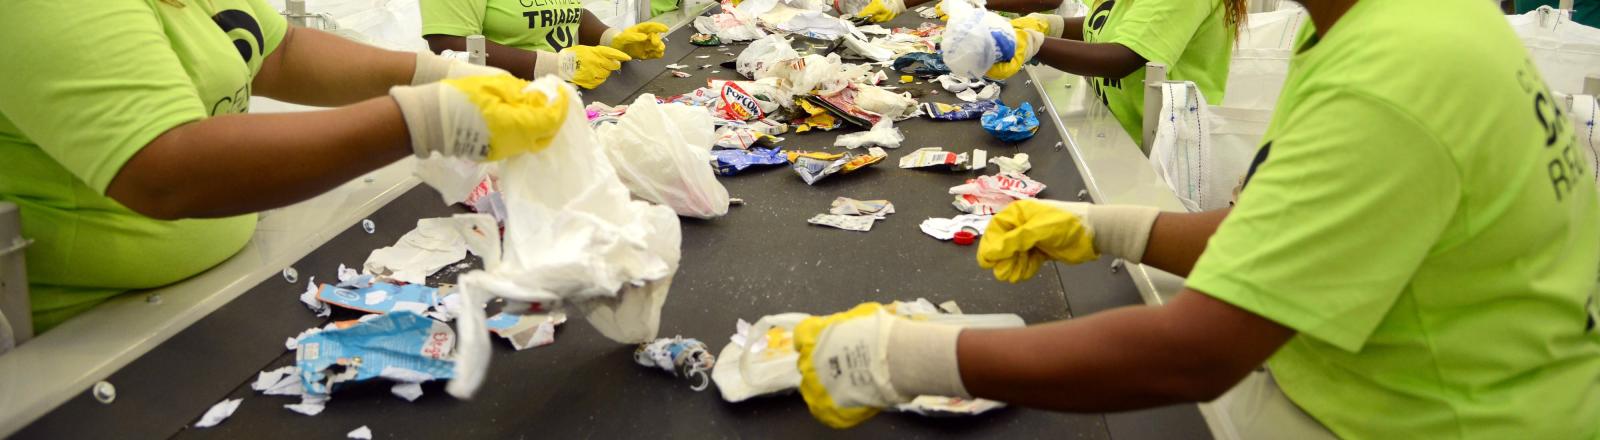 Catadores de Materiais Recicláveis - Política Nacional de Resíduos Sólidos, Reciclagem, Florianópolis, Santa Catarina